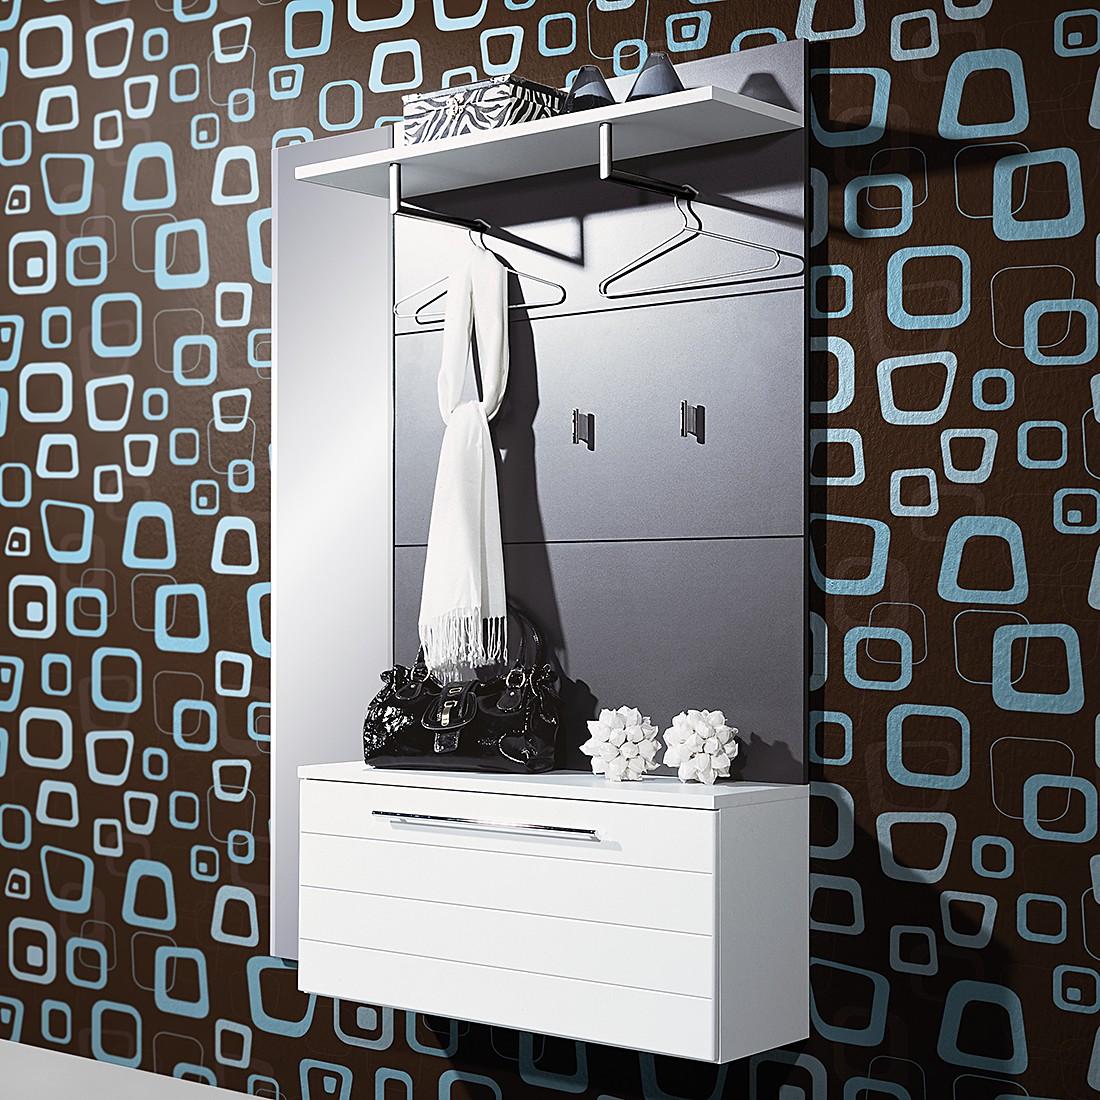 Kompaktgarderobe Alfi – Anthrazit/ Weiß Dekor, Top Square günstig kaufen